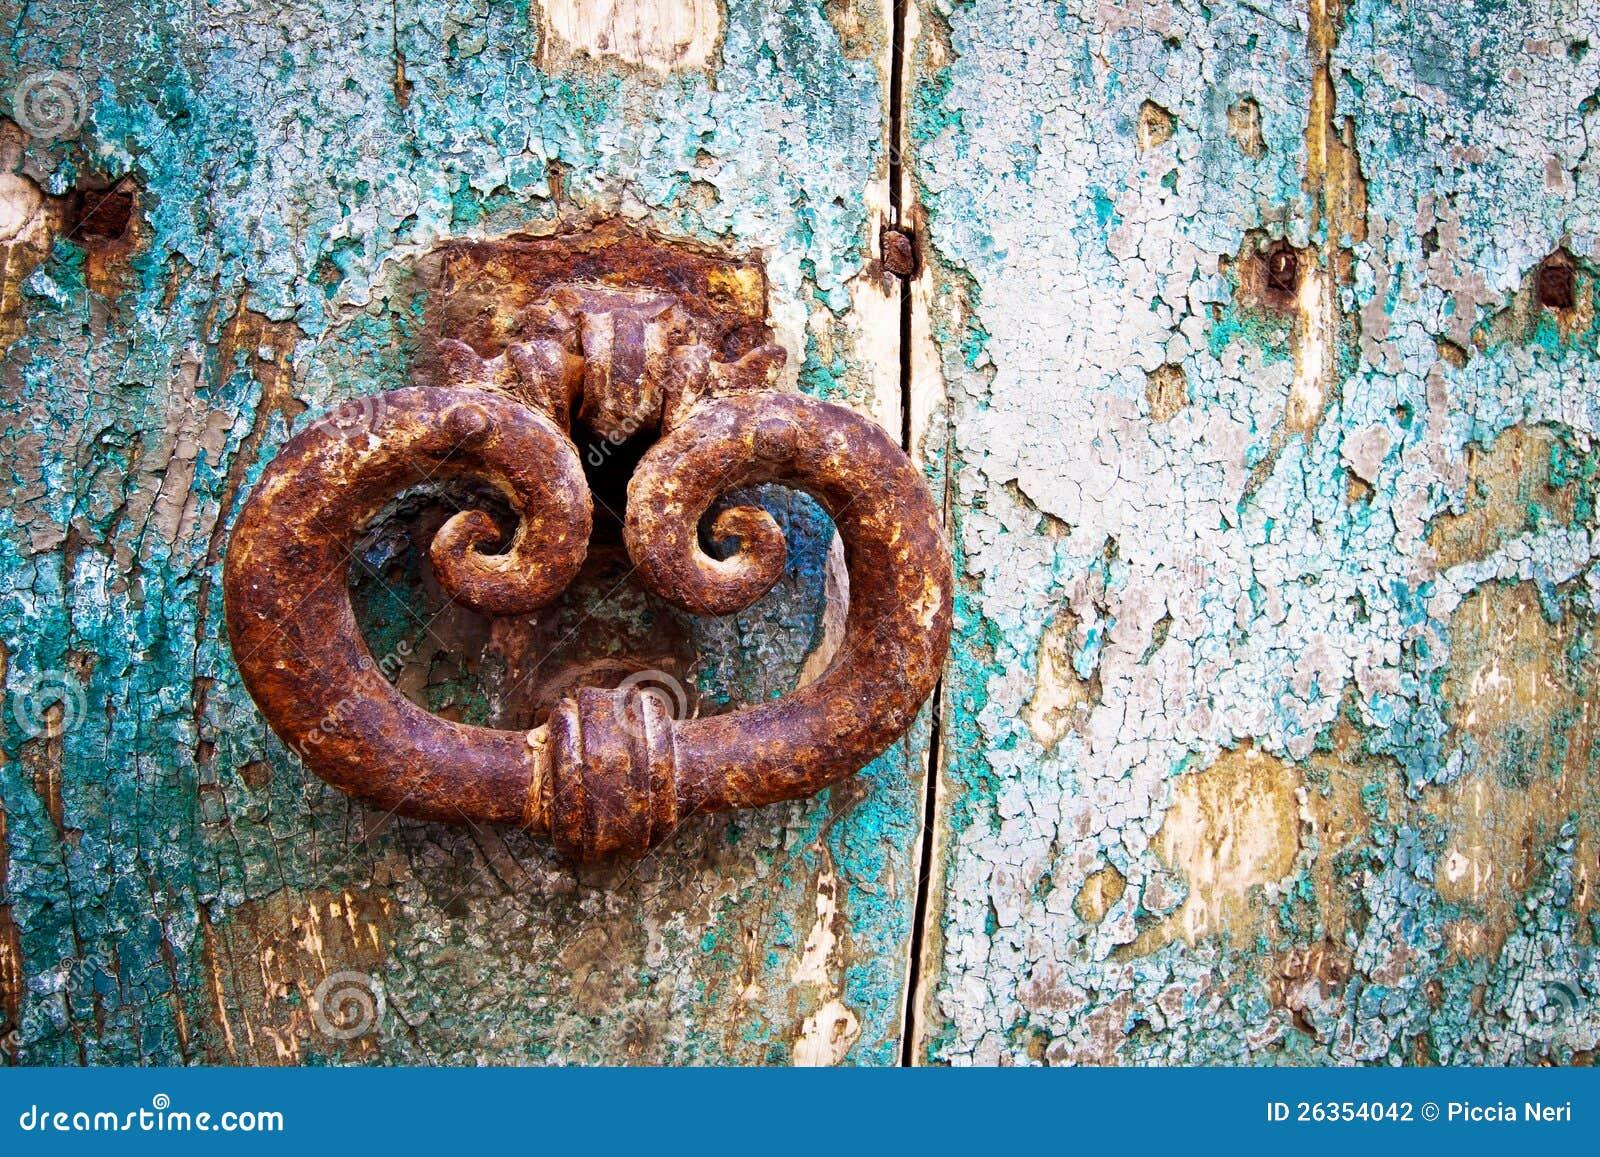 Antique portal, detail